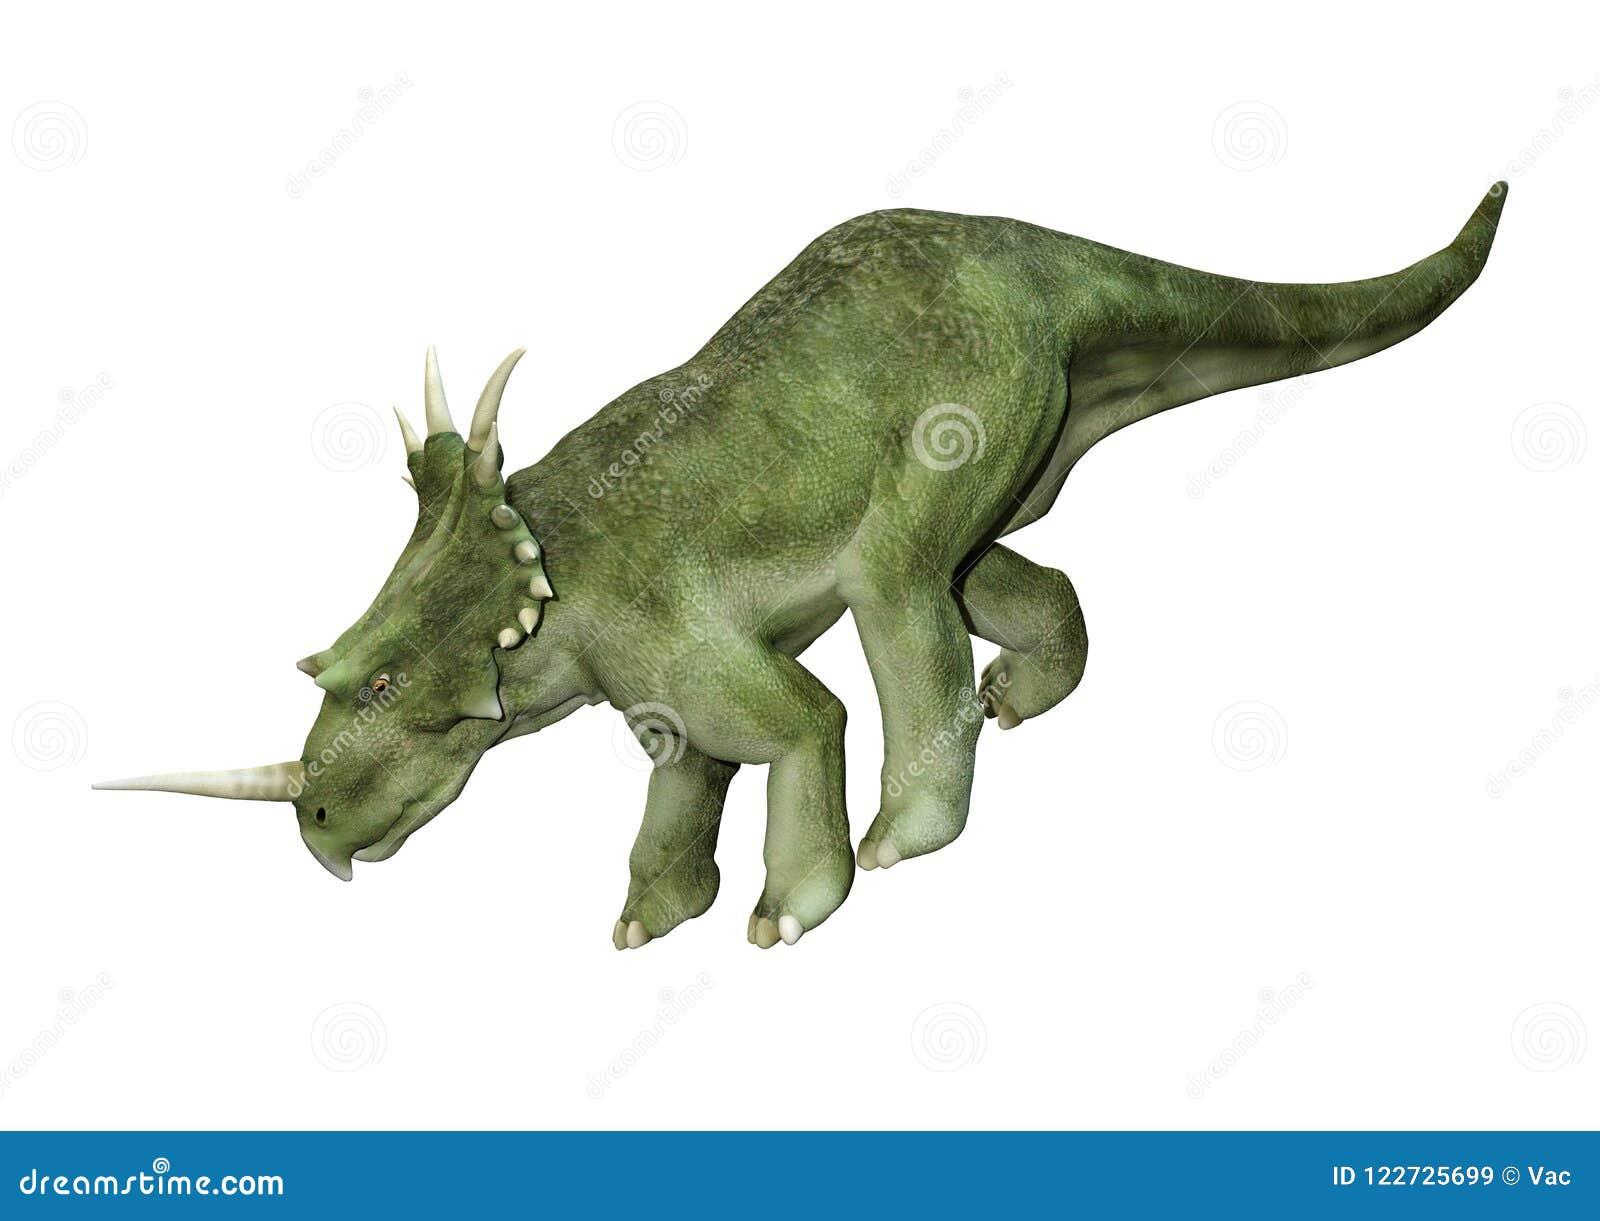 巨型汝阳龙_恐龙里的恶魔龙怎么画真的好吗价格